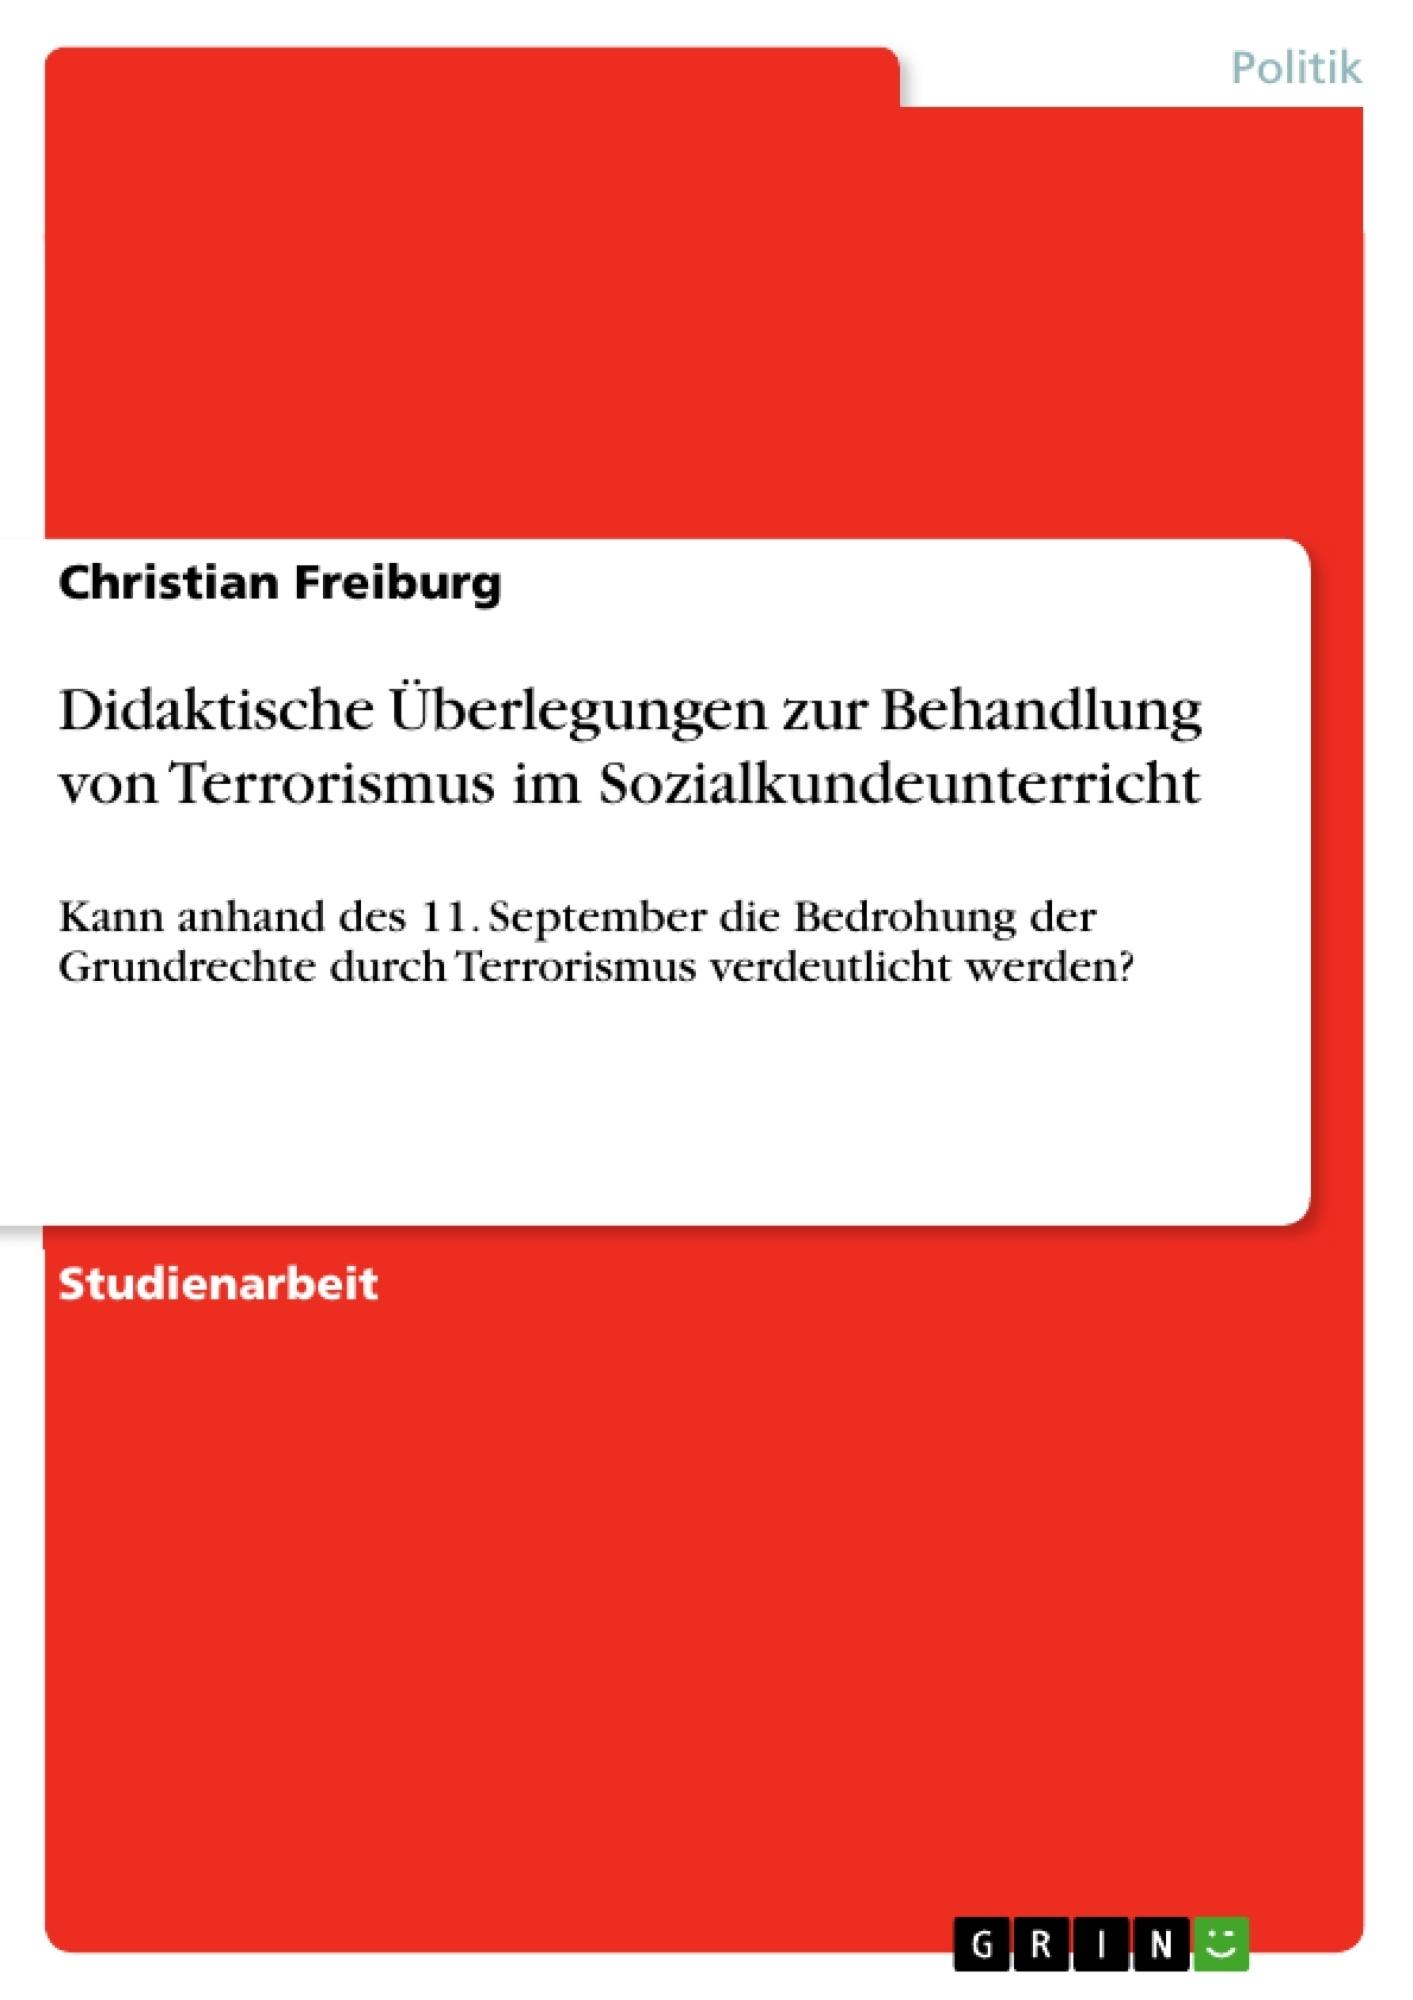 Titel: Didaktische Überlegungen zur Behandlung von Terrorismus im Sozialkundeunterricht